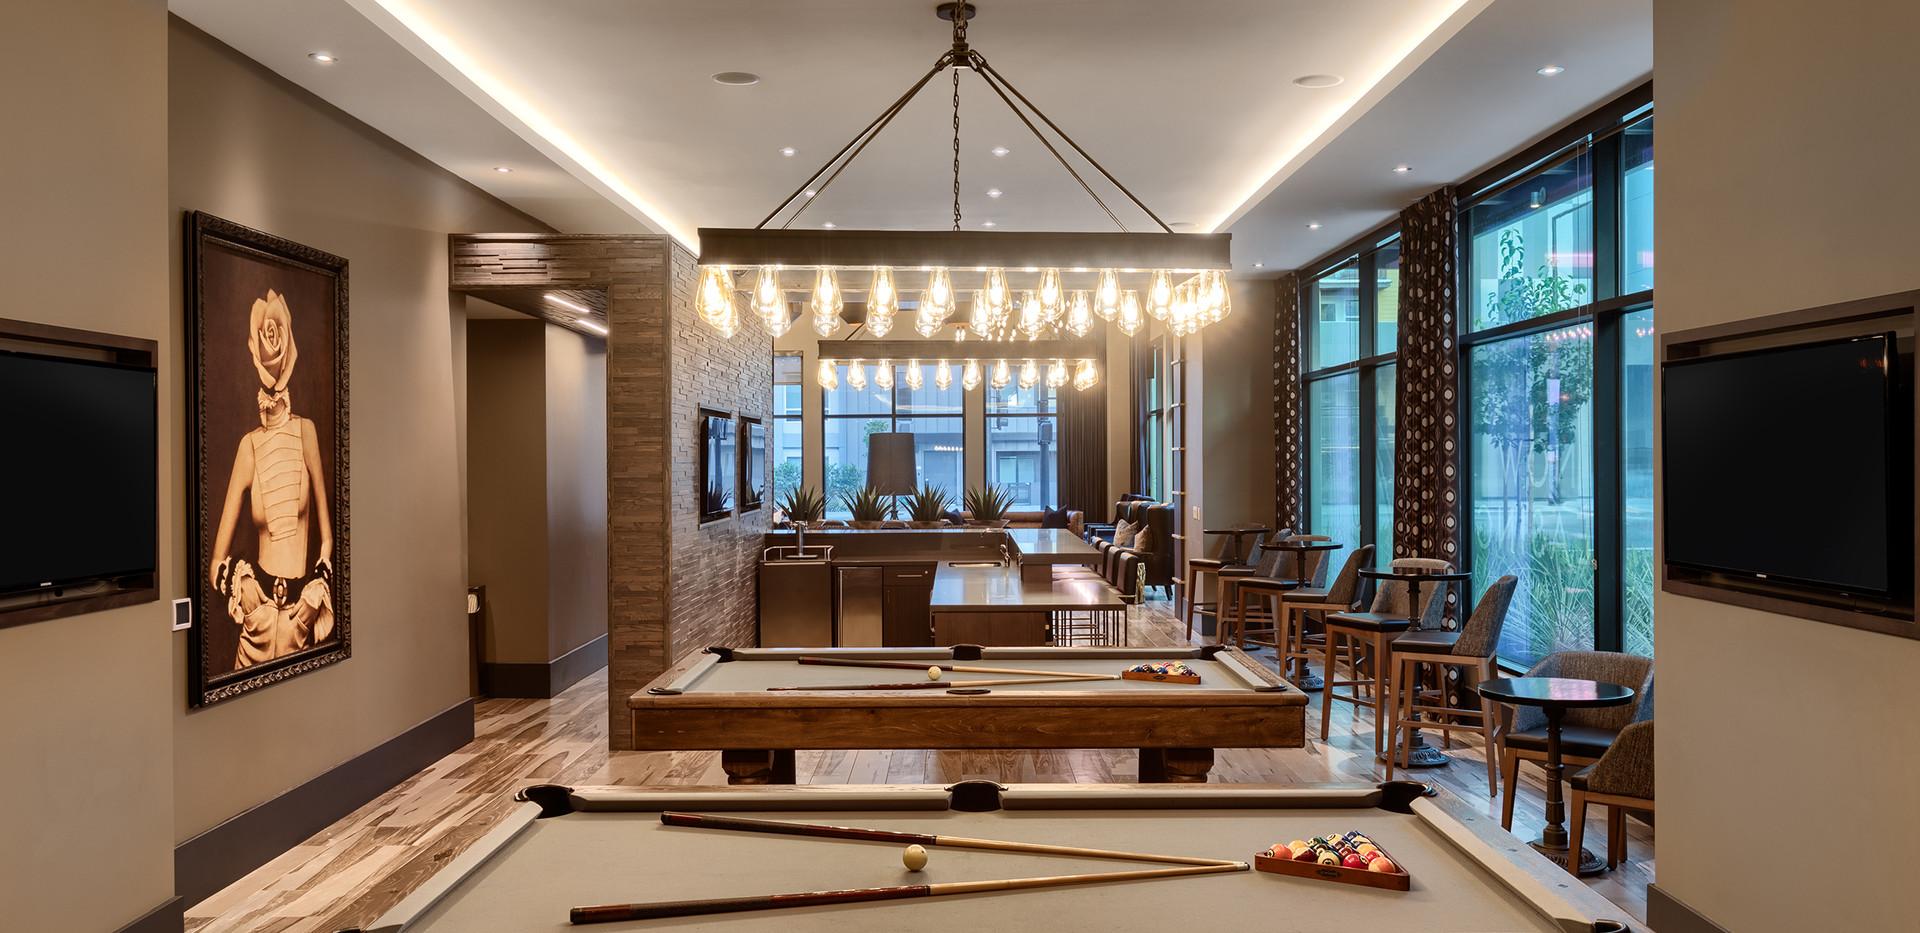 Bar + Pool Hall